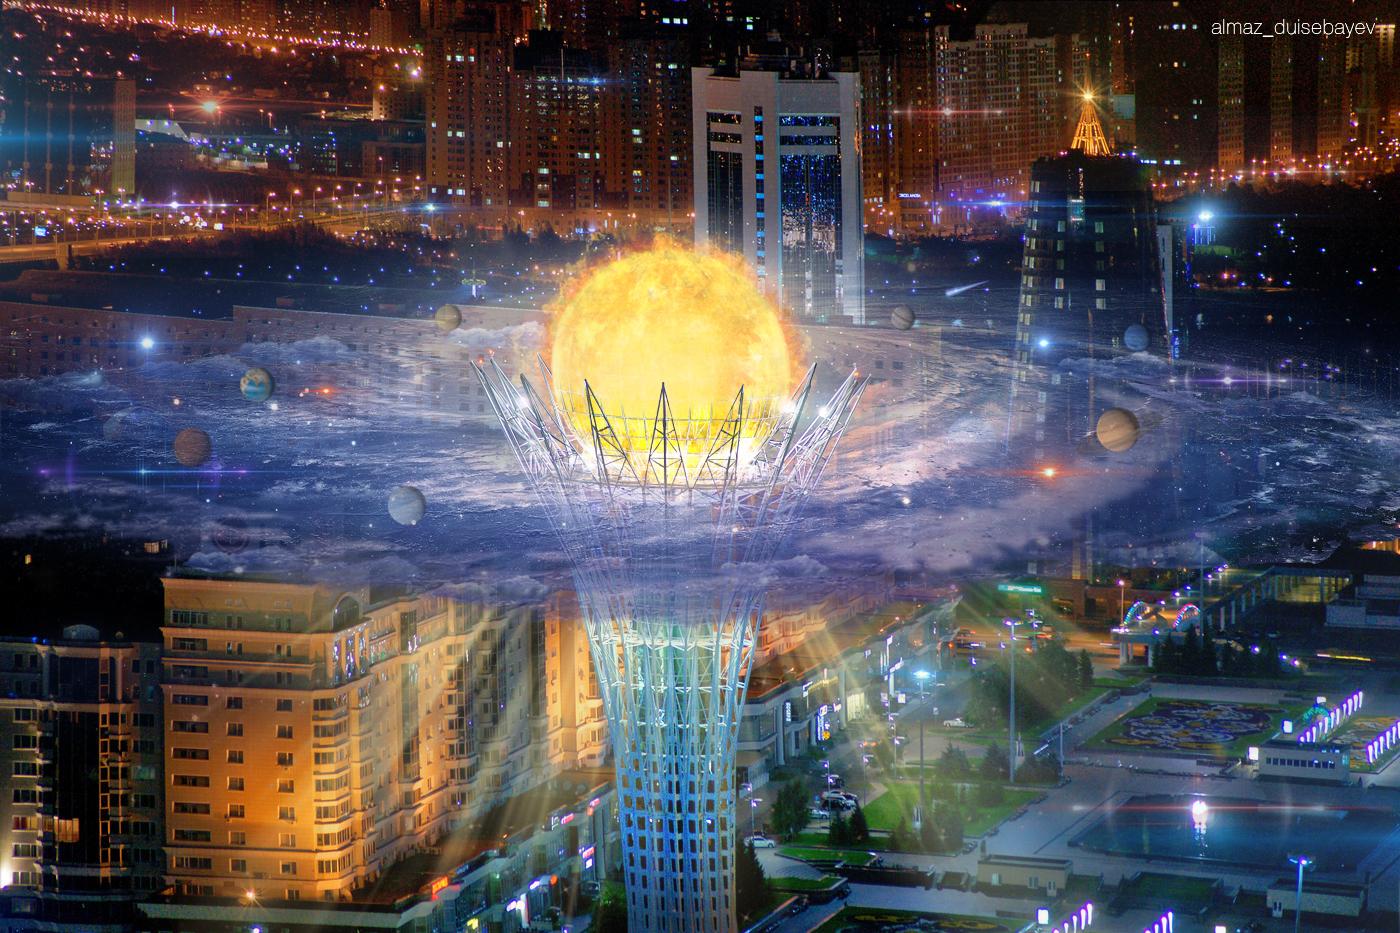 Info Shymkent - Almaz Duisebayev - Nur-Sultan's Baiterek Tower